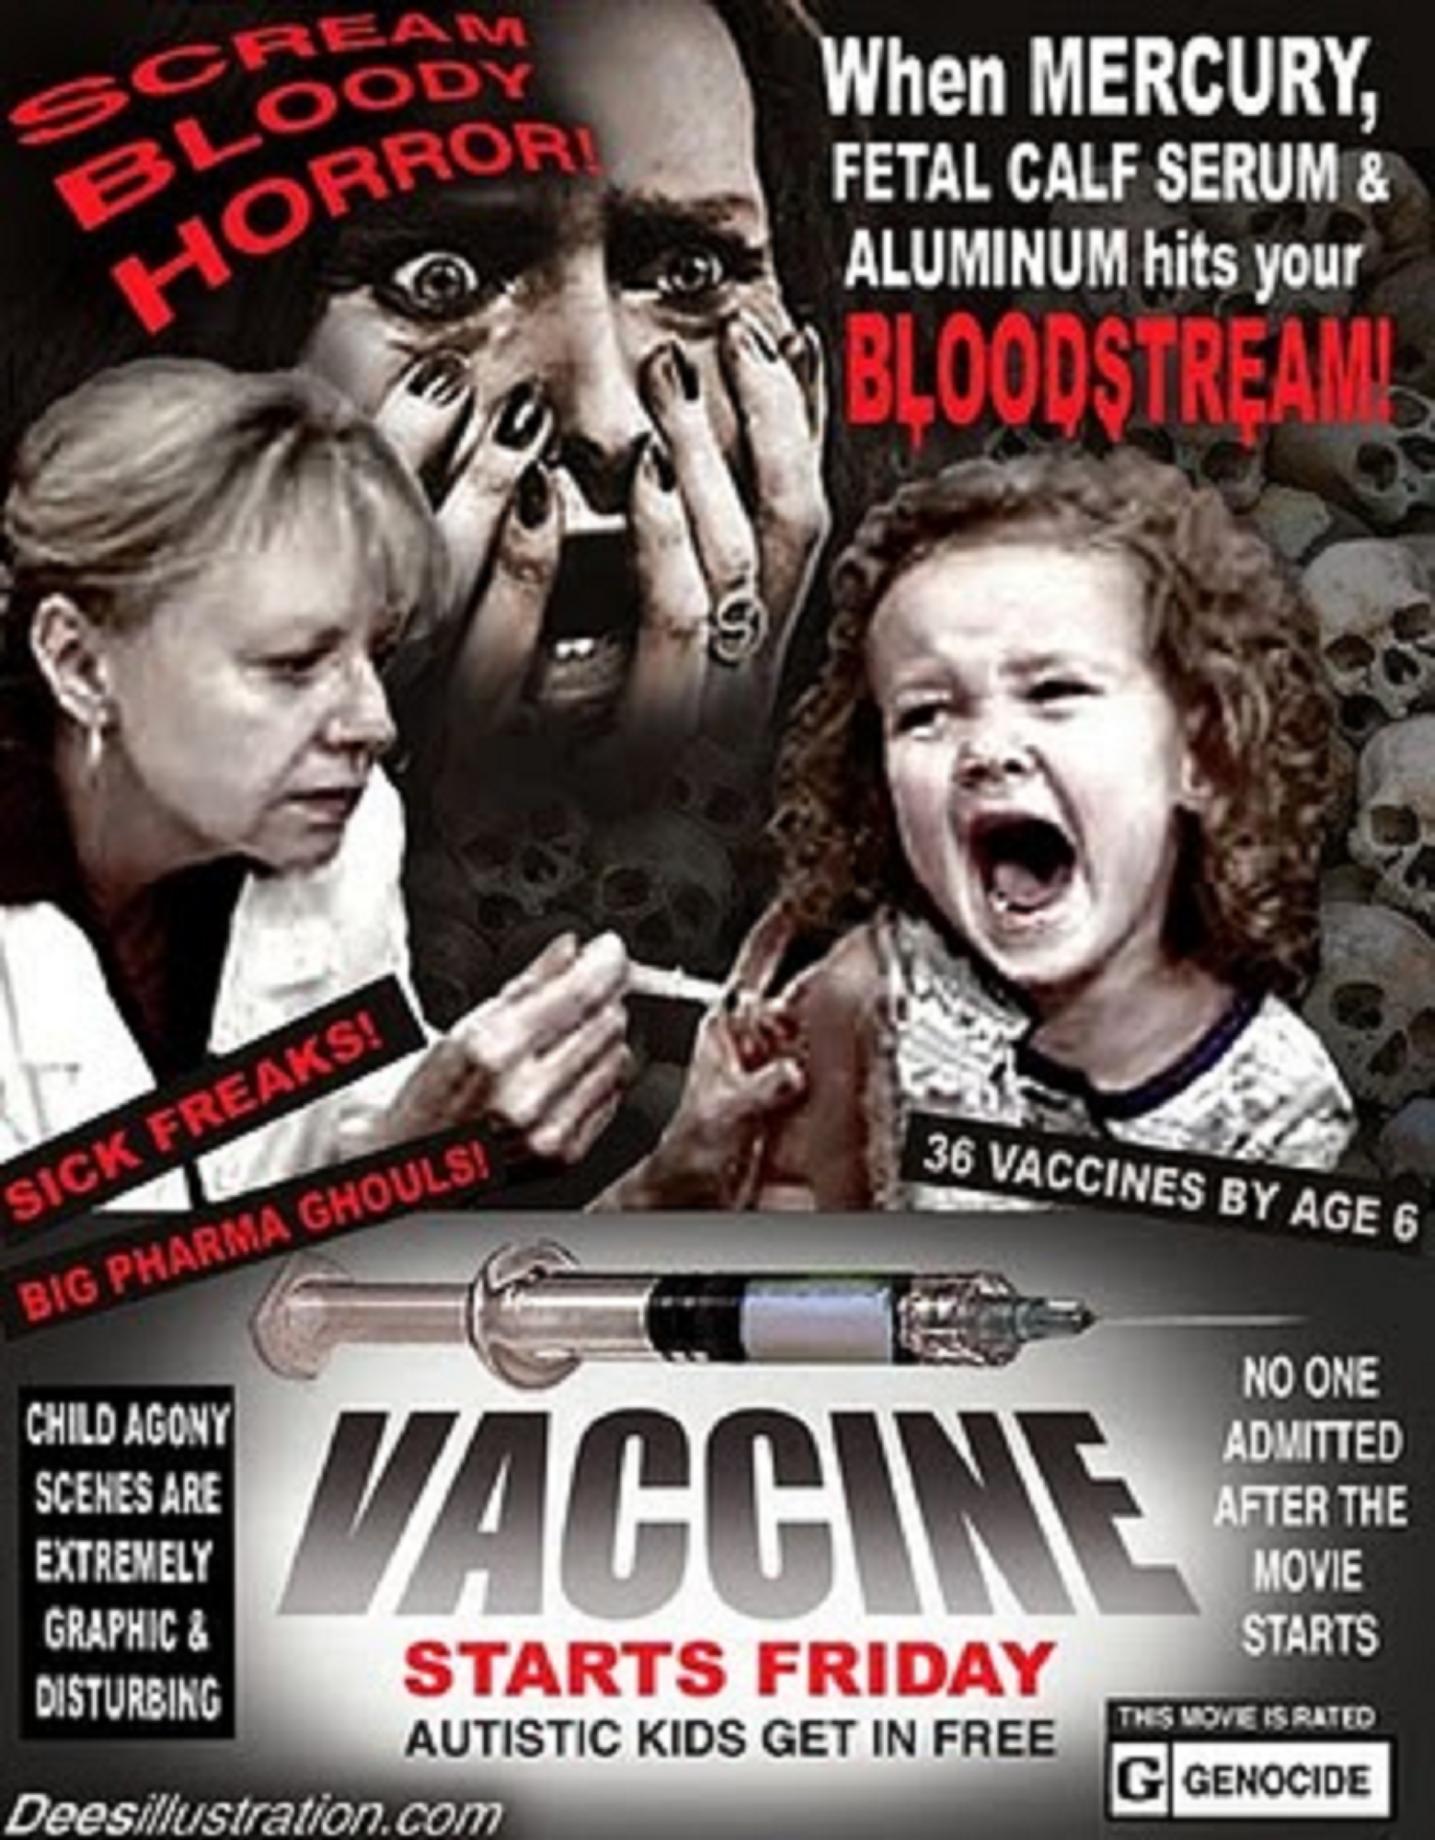 Ὁ αὐτισμὸς εἶναι ἀποτέλεσμα ἐμβολιασμῶν!